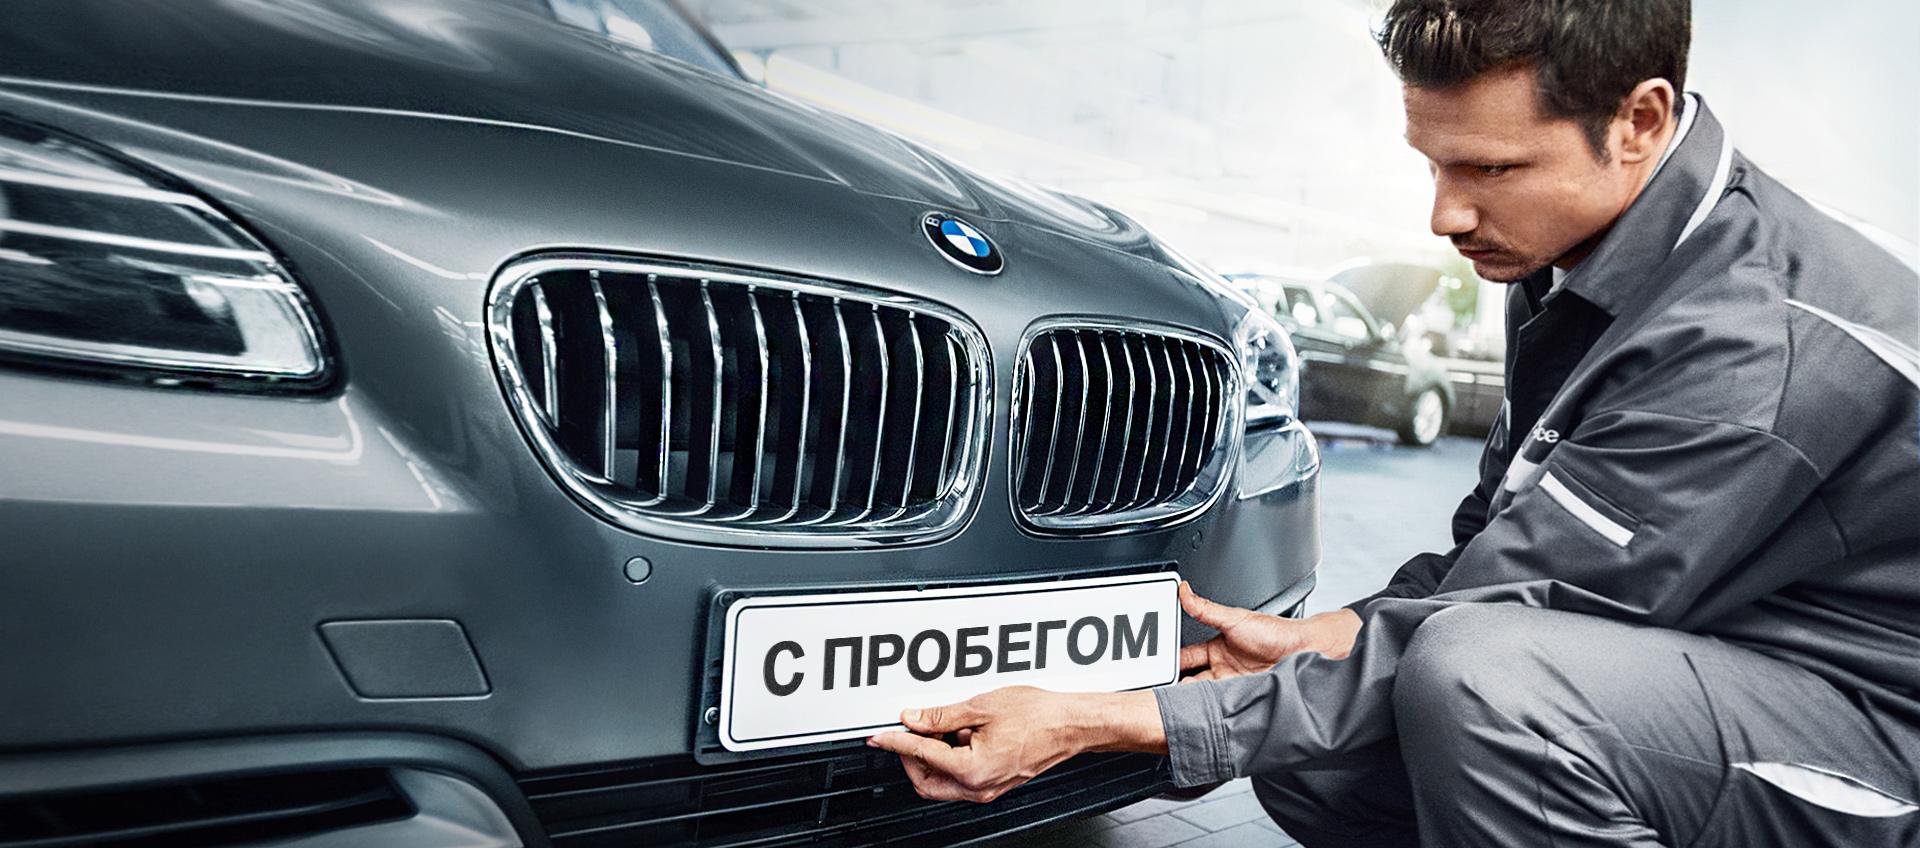 Украинцы массово скупали в марте автомобили секонд-хенд